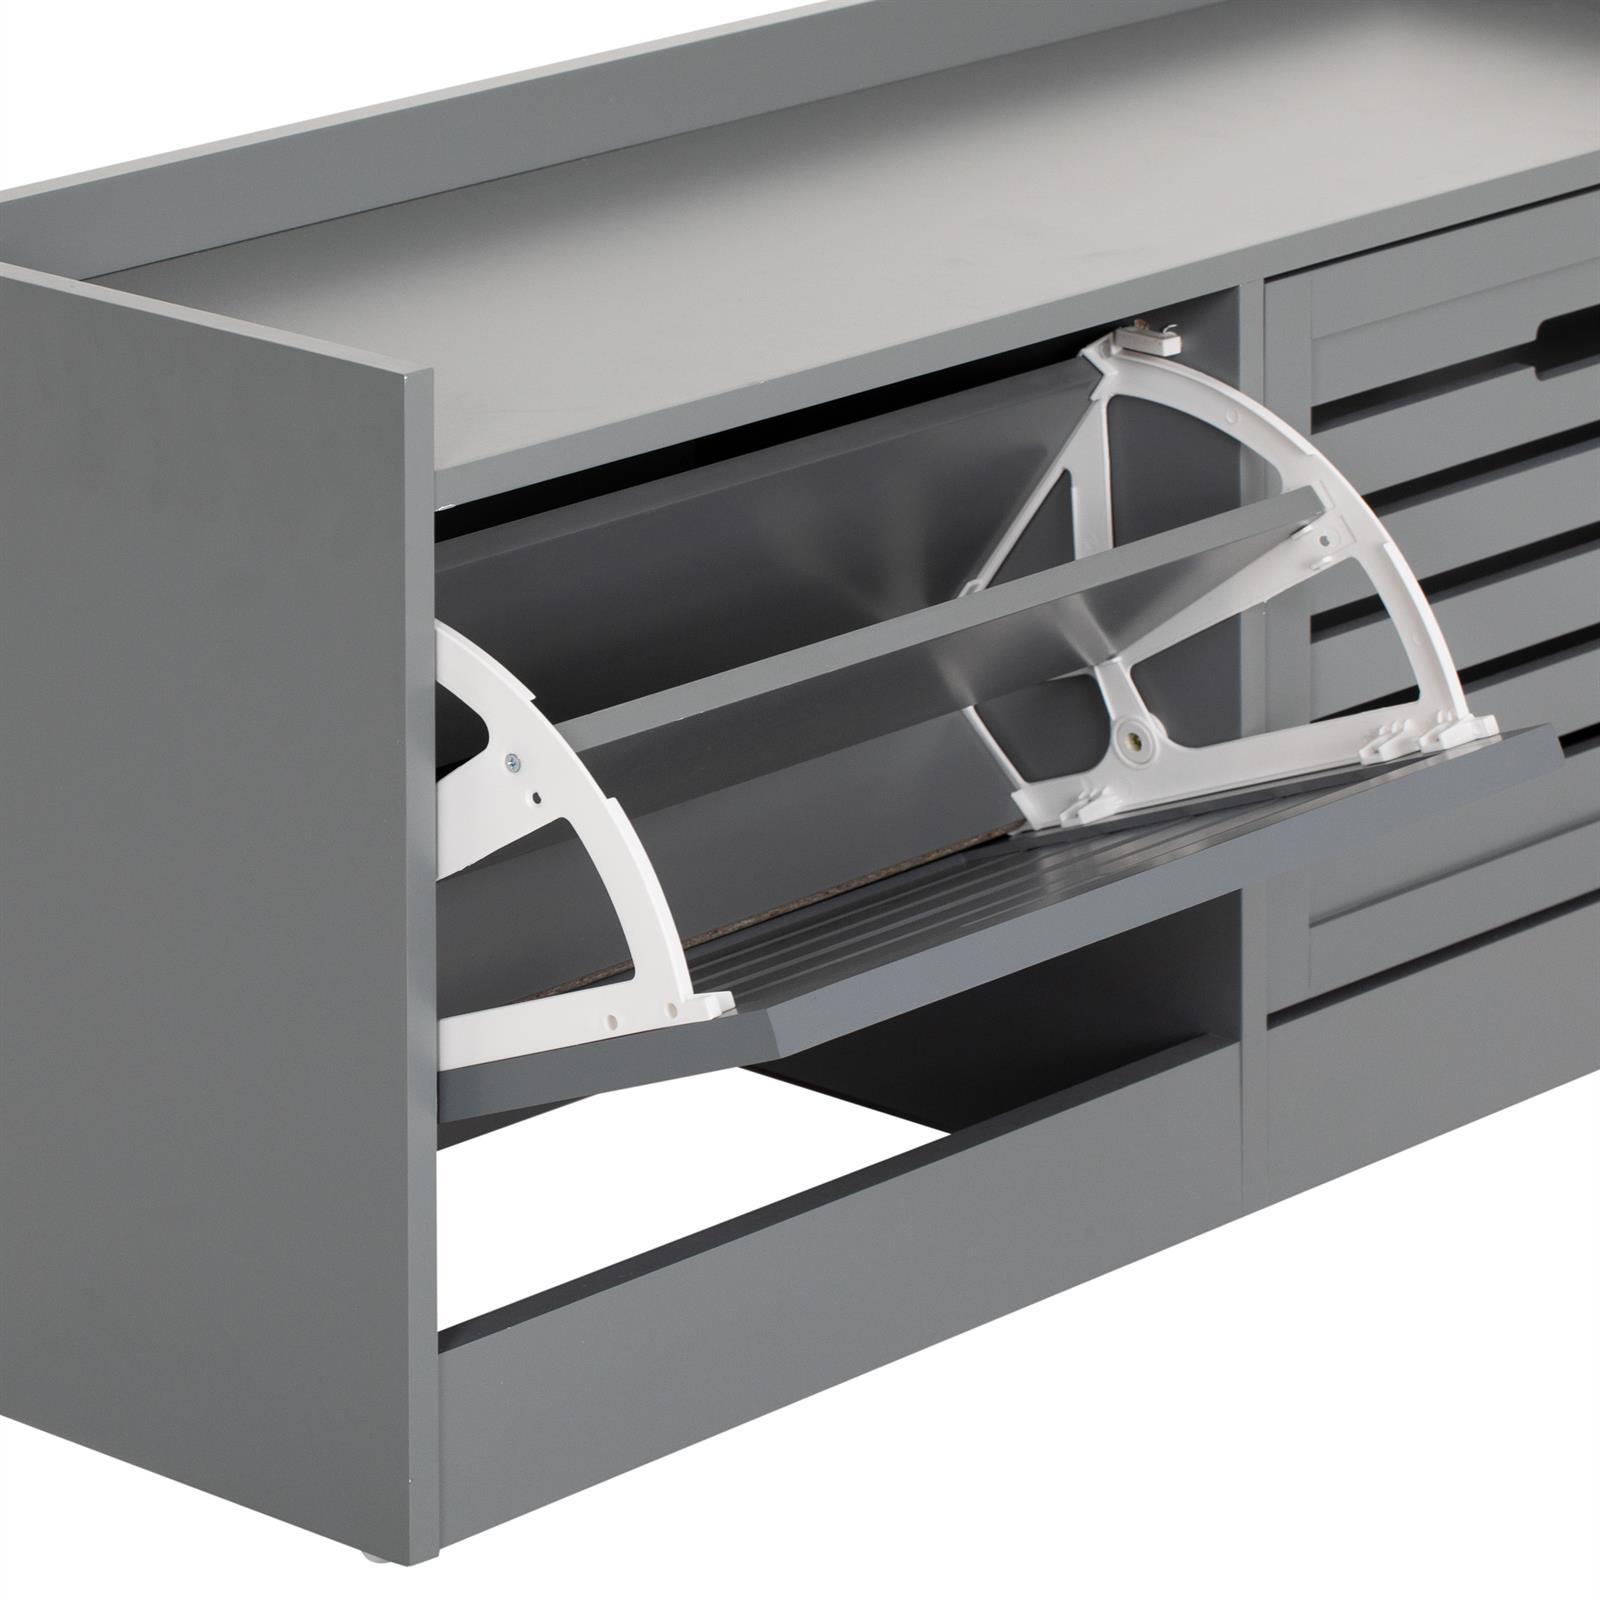 schuhbank schuhkipper schuhschrank sitzbank mit 2 klappt ren im landhausstil ebay. Black Bedroom Furniture Sets. Home Design Ideas